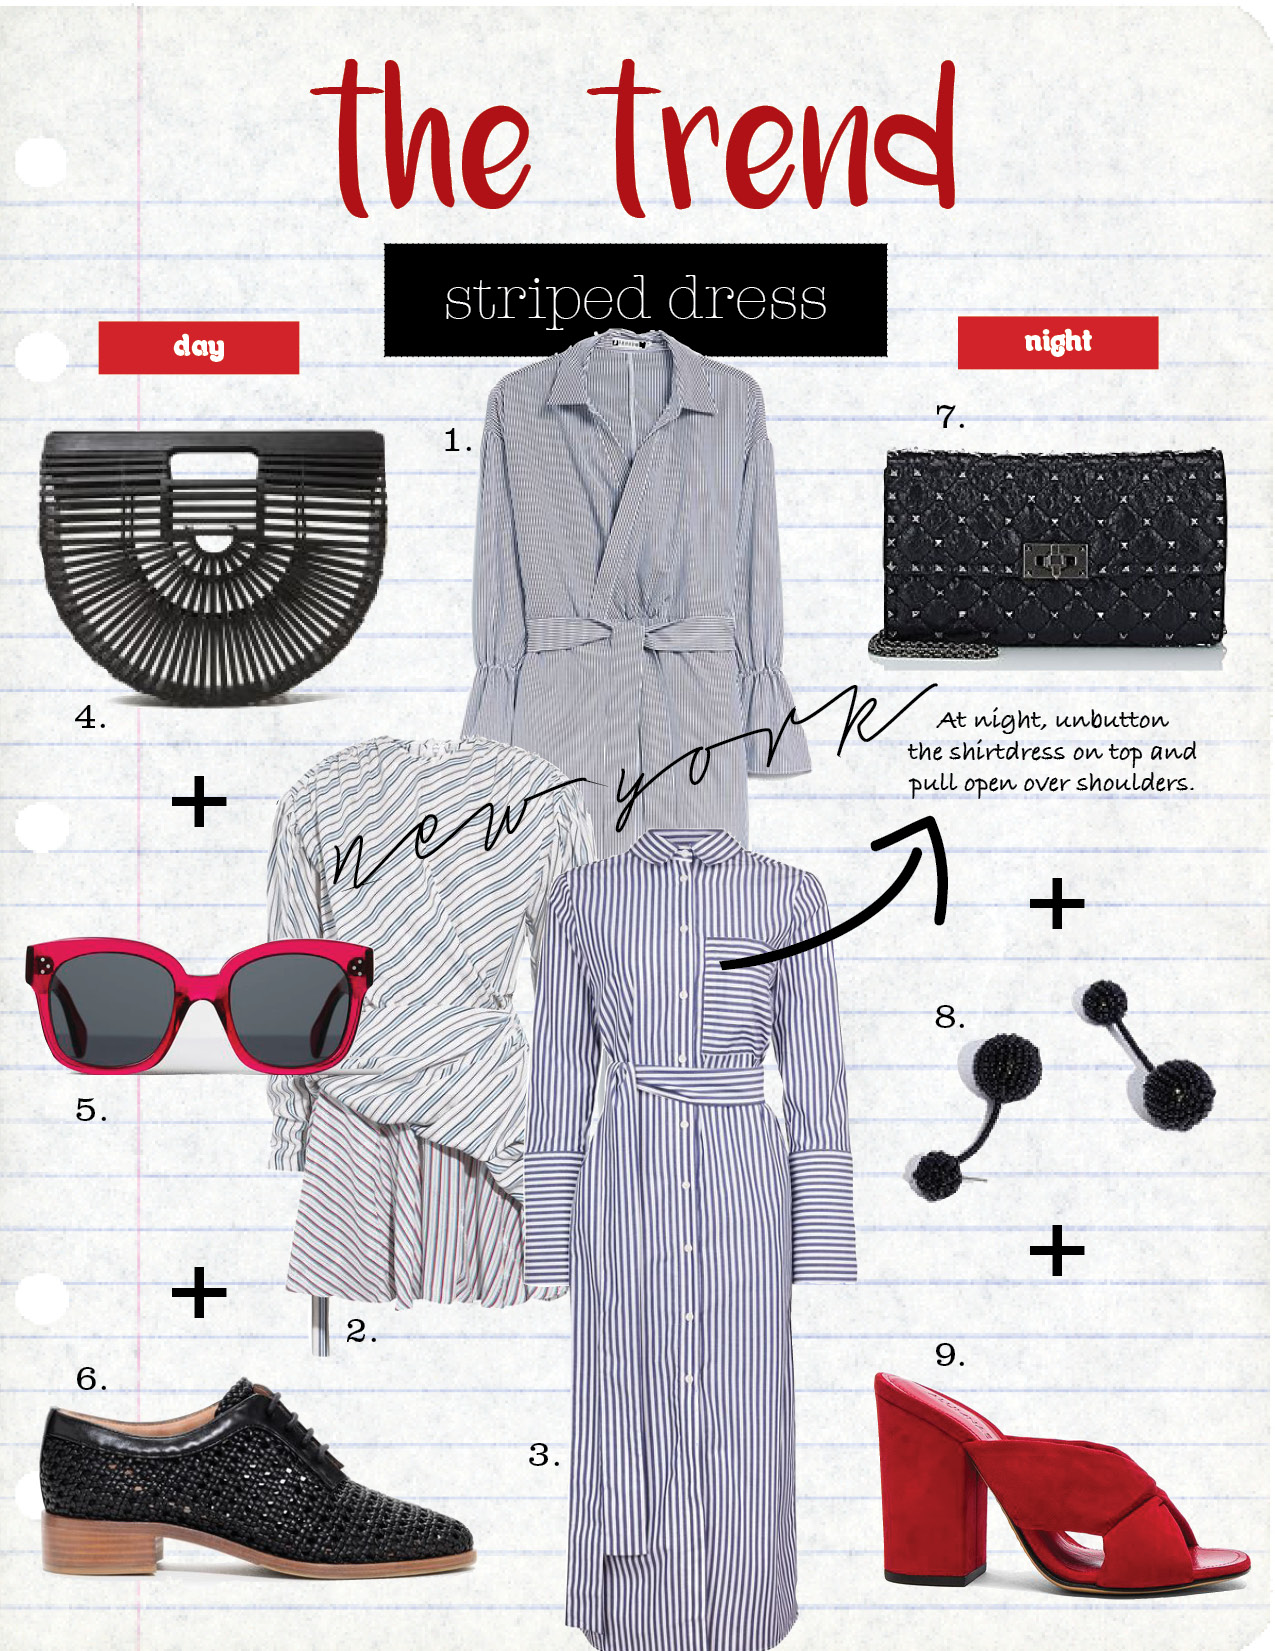 1. farrow striped wrap dress in black, $62,  needsupply.com  2. balenciaga gathered wrap-effect striped jacquard mini dress, $1995,  net-a-porter.com  3. topshop stripe shirt dress by boutique, $140,  topshop.com  4. cult gaia small gaia's ark in black, $112,  needsupply.com  5. celine new audrey sunglasses, $300,  celine.com  6. and other stories leather braided mens dressed shoes, $155,  stories.com  7. valentino rockstud spike shoulder bag, $1545,  barneys.com  8. madewell beaded party earrings, $28,  madewell.com  9. alumnae soft x-slide block suede heel sandals, $525,  fwrd.com